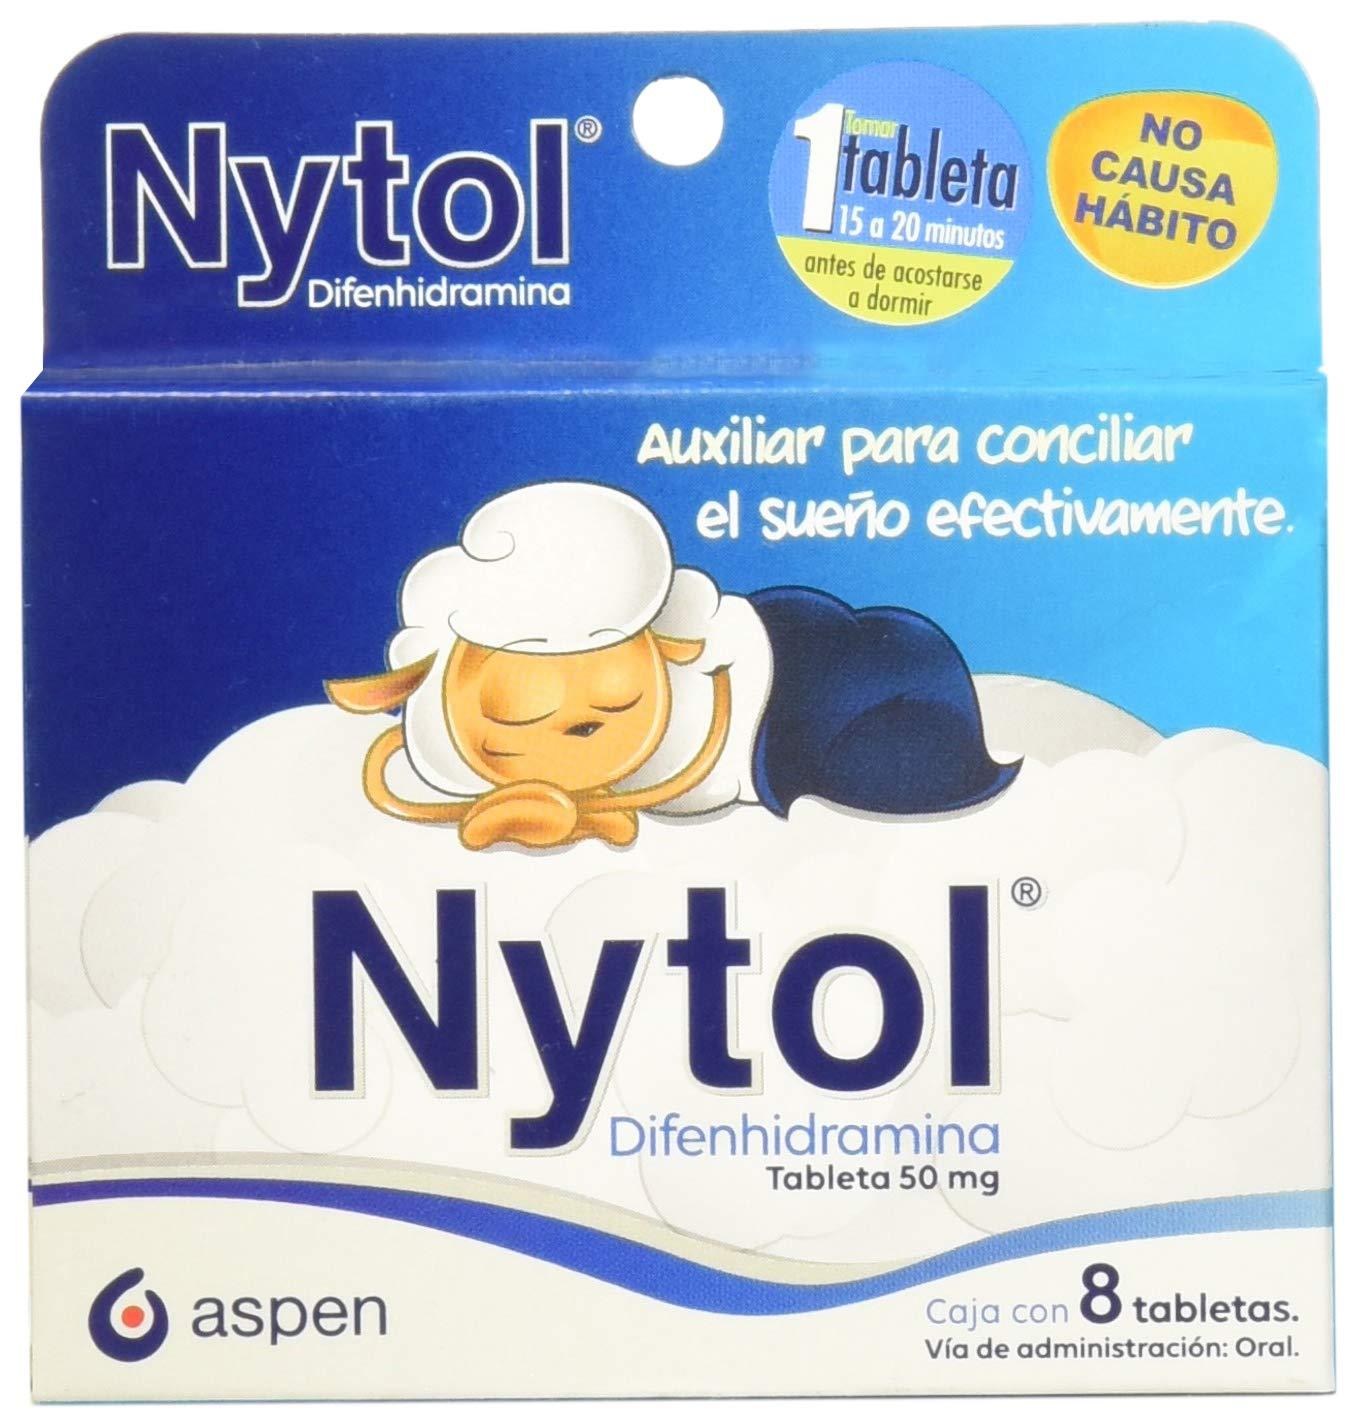 Venta libre de para dormir pastillas